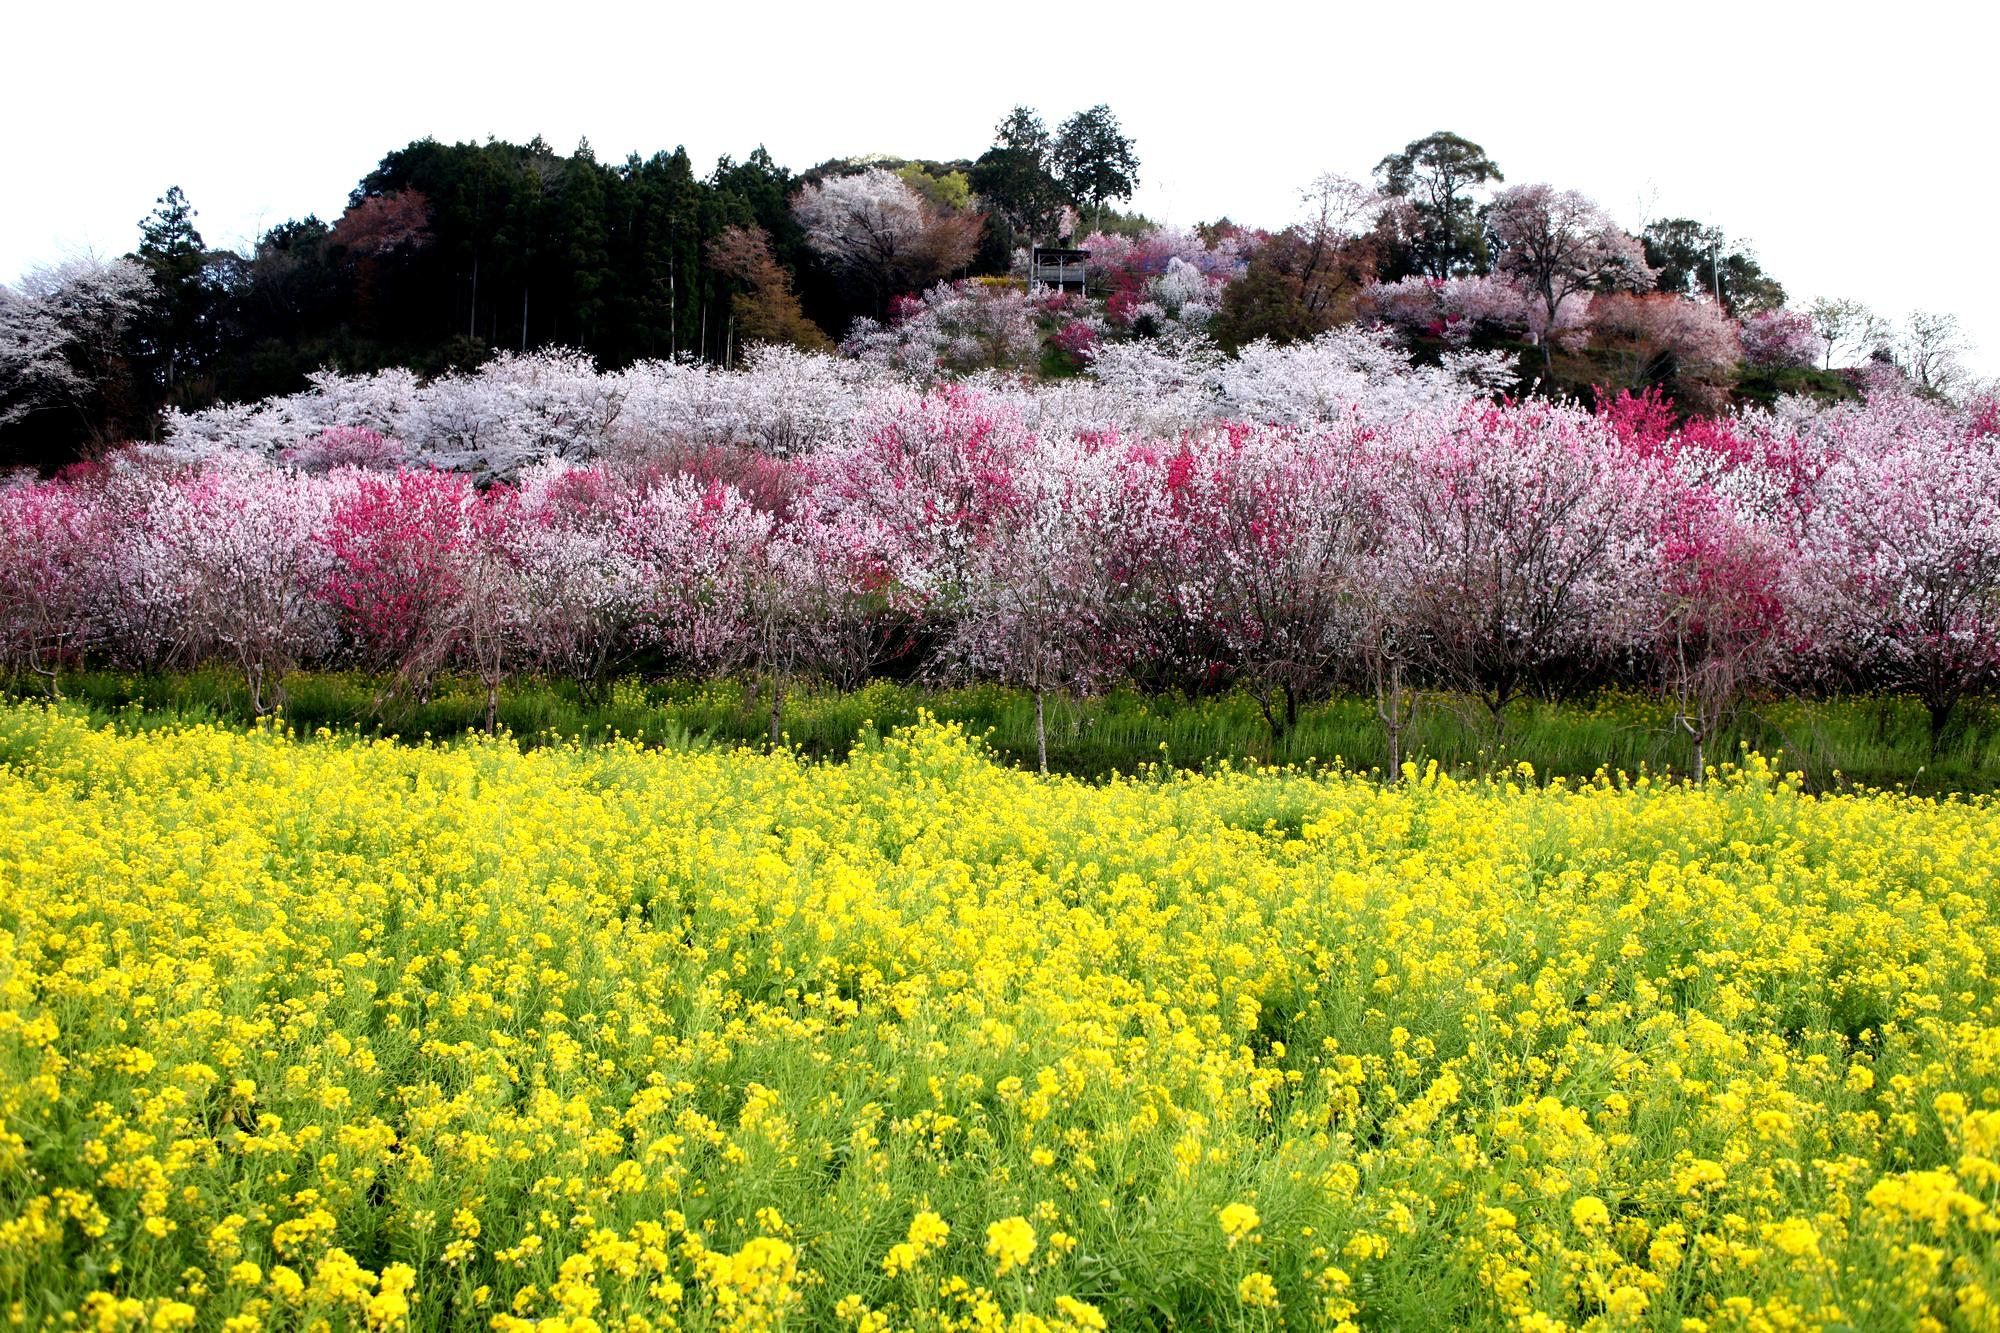 http://shikoku.misawa.co.jp/area_kouchi/%E3%81%AF%E3%81%AA%E3%82%82%E3%82%82%EF%BC%92.jpeg